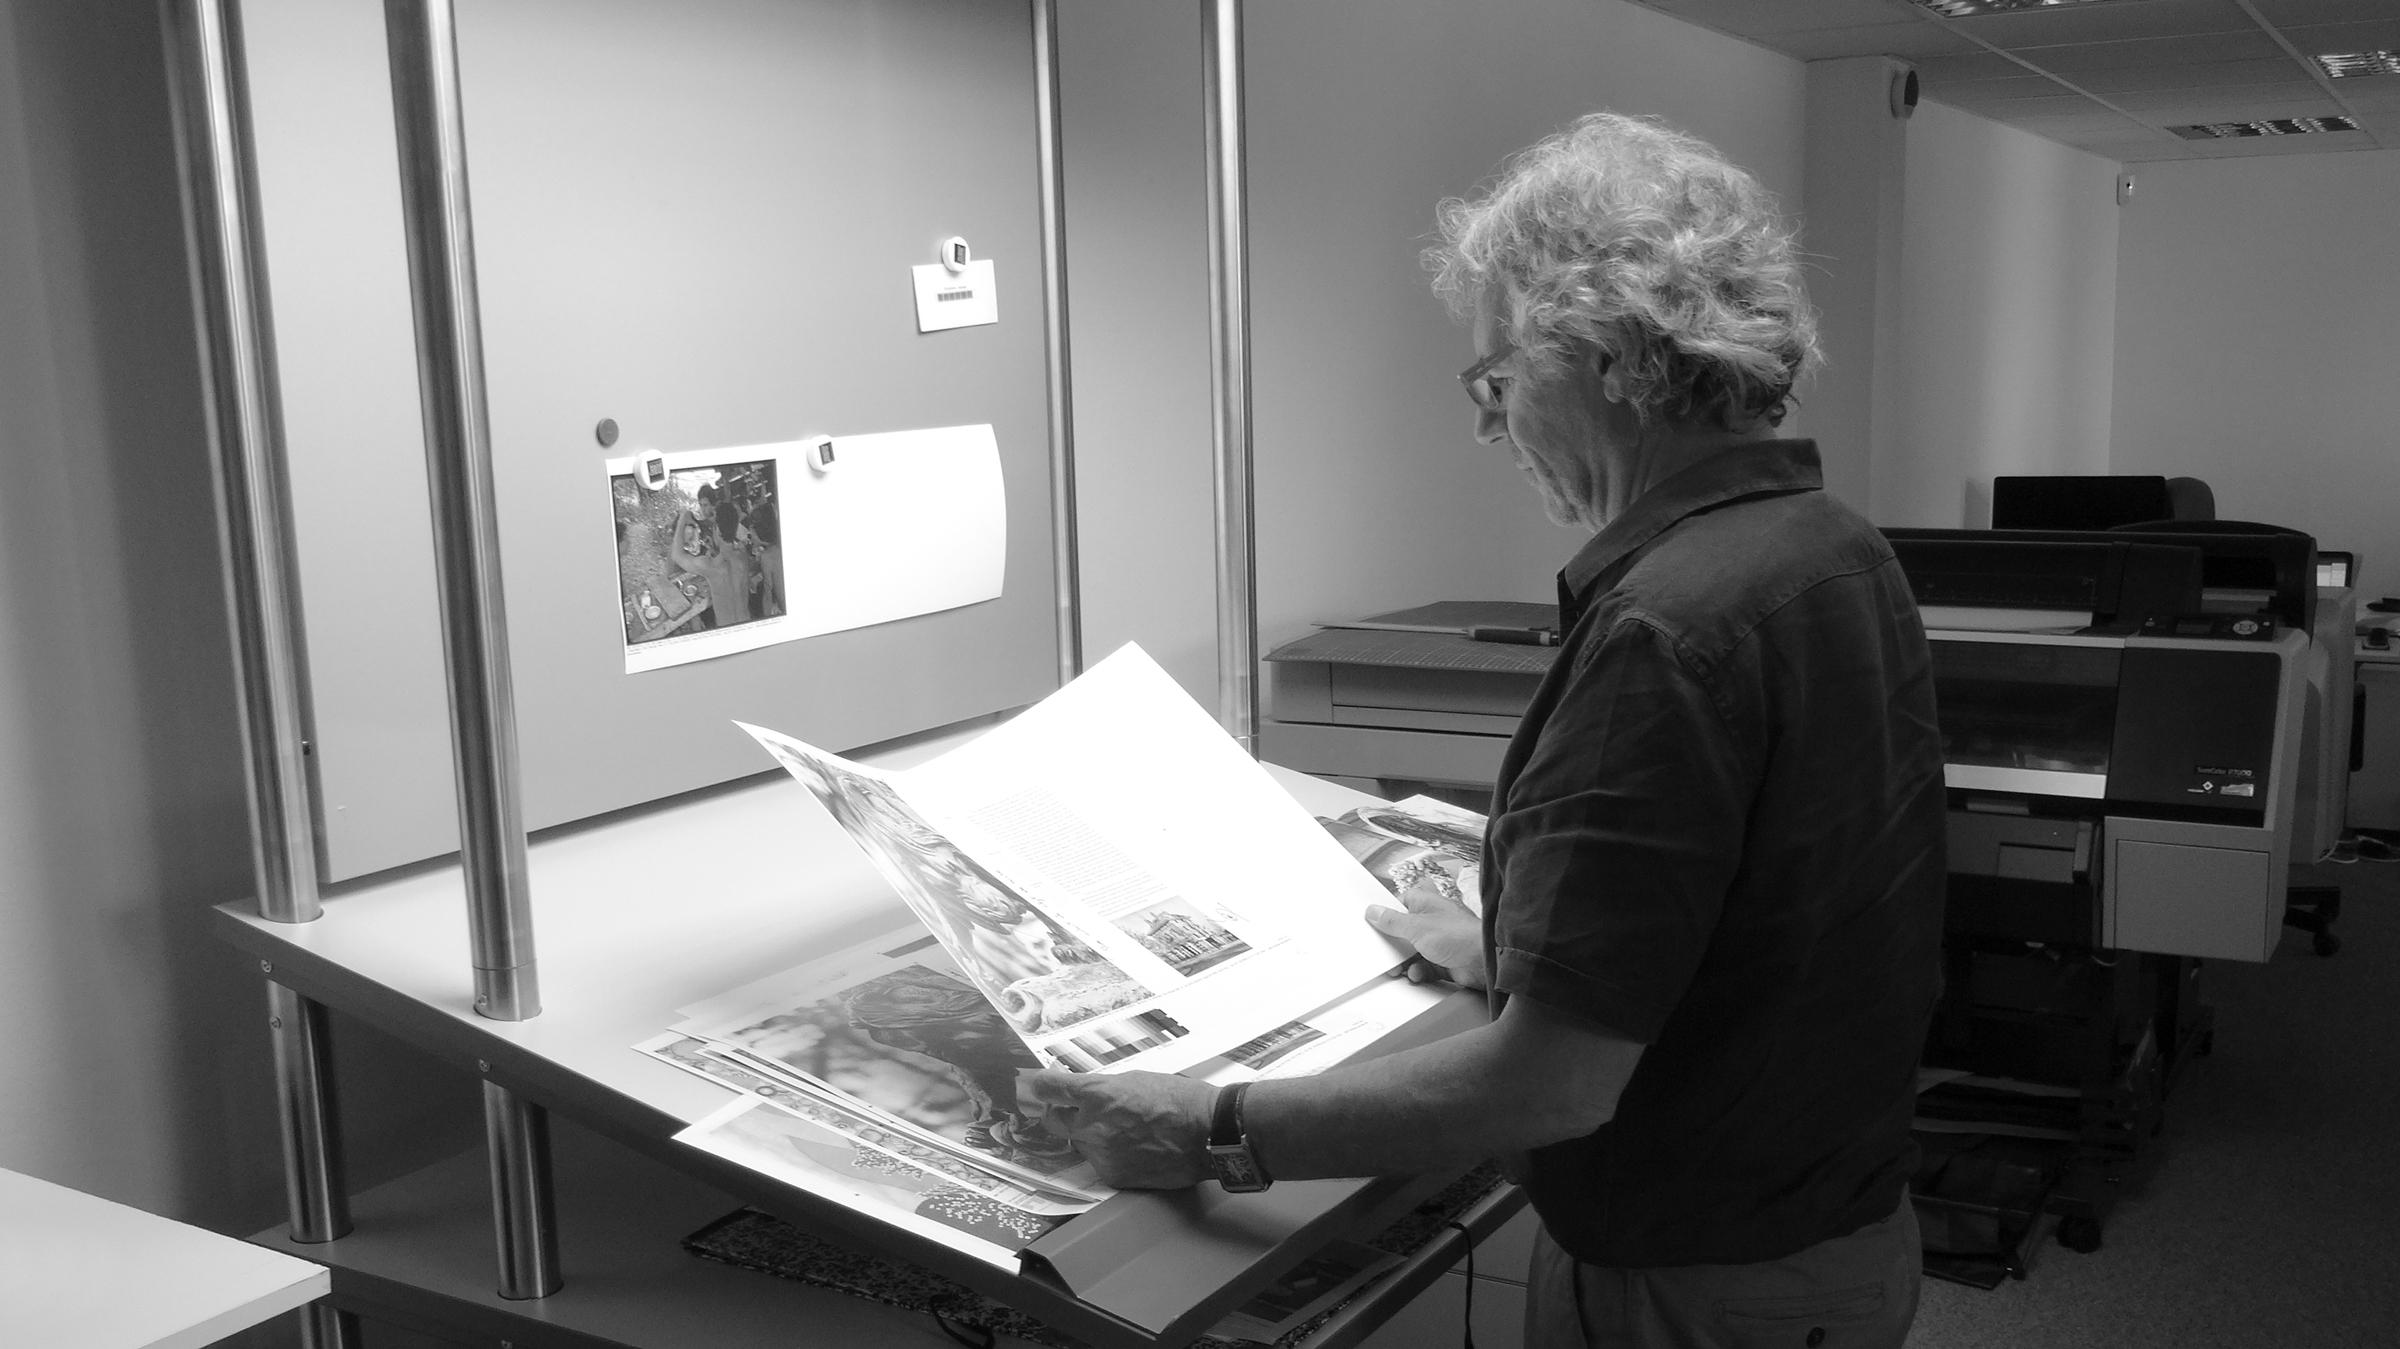 Atelier Les Caméléons - Artisans de l'image